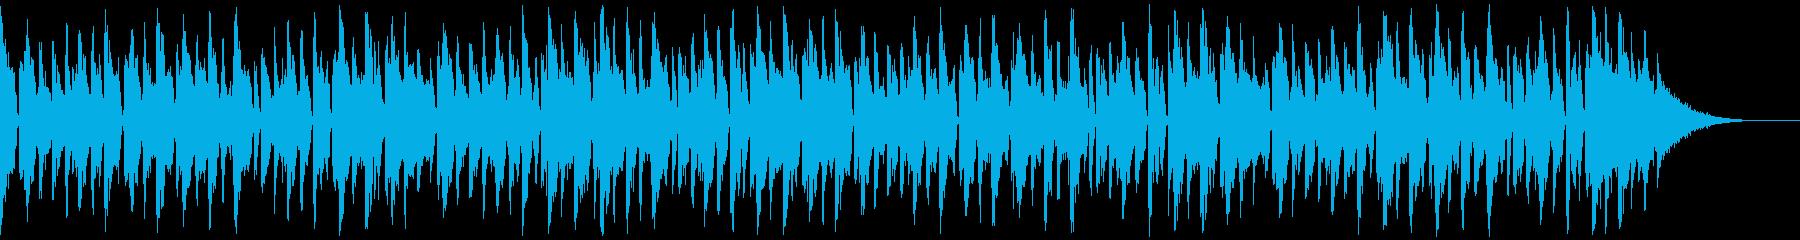 ダンサンブルなフューチャーハウスの再生済みの波形